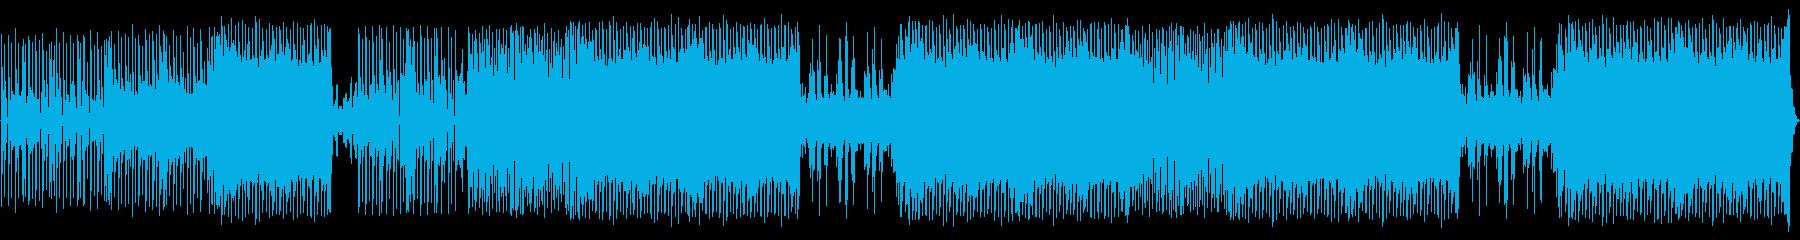 非常にカラフルなシンセメロディとモ...の再生済みの波形